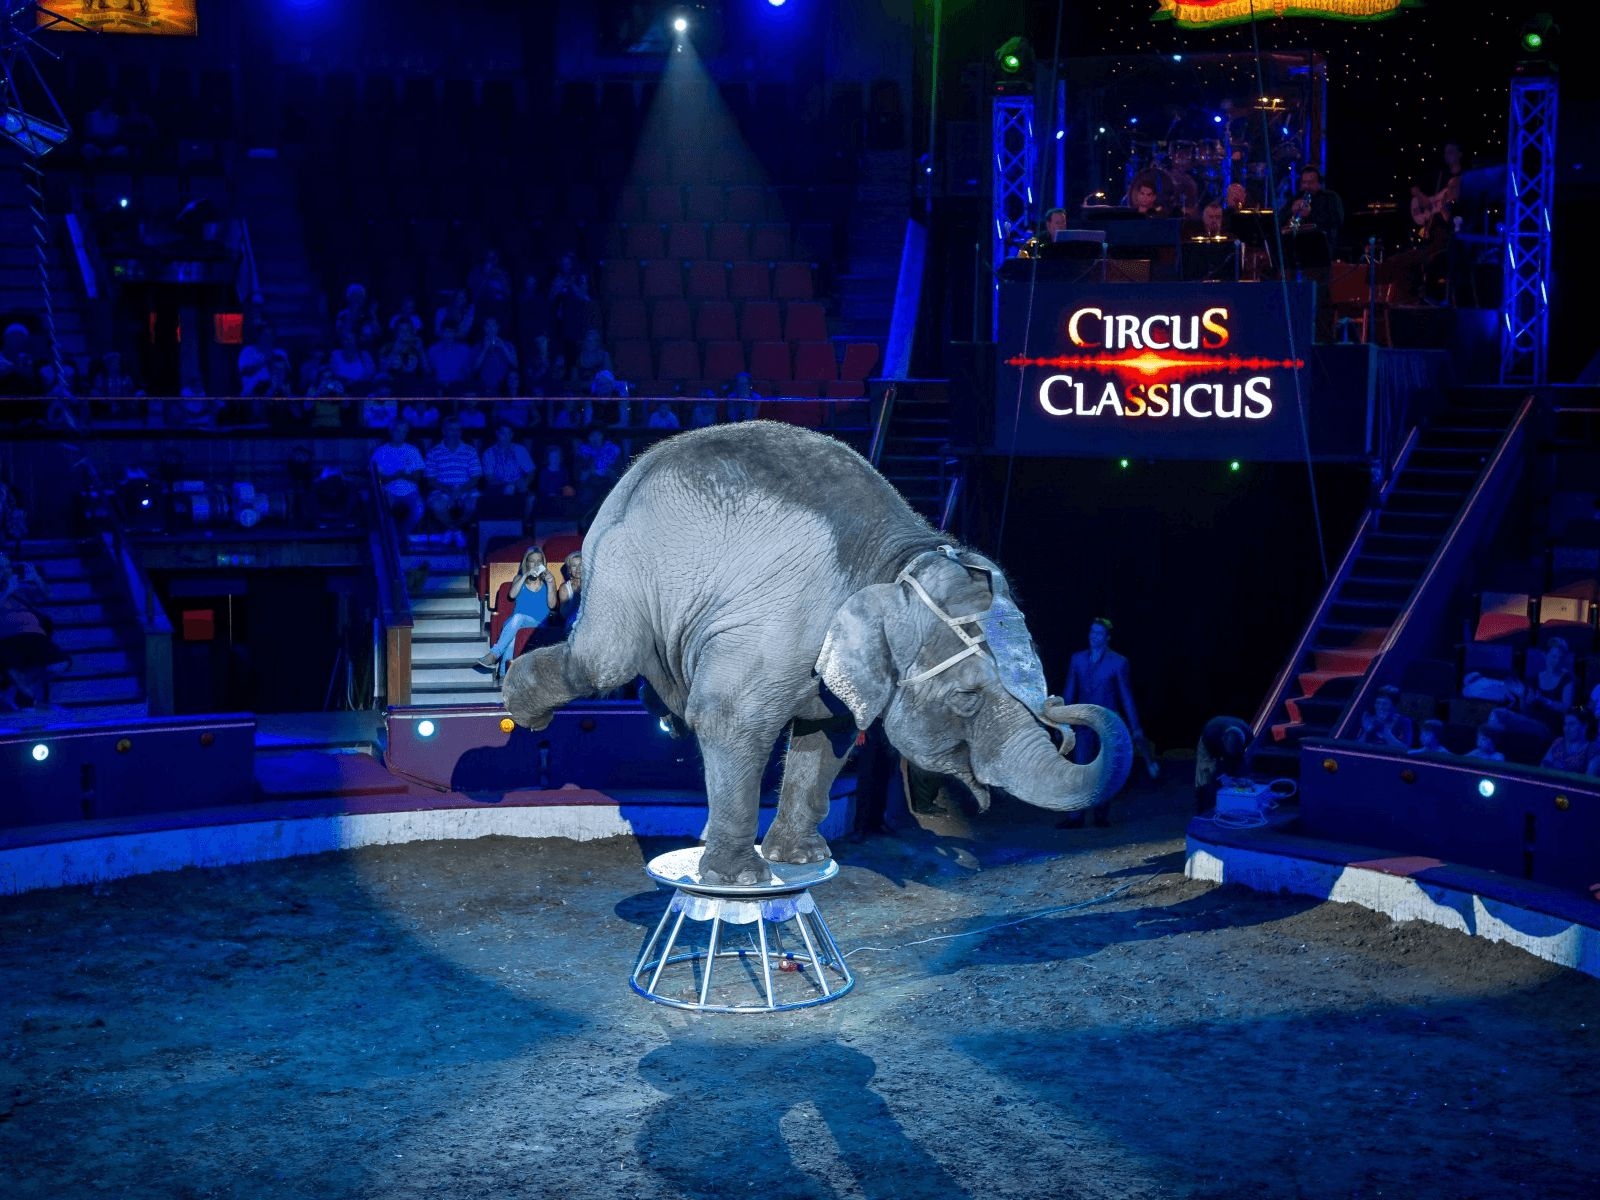 Prag, Beč, Bratislava i Budimpešta: Budimpešta: Budimpeštanski cirkus